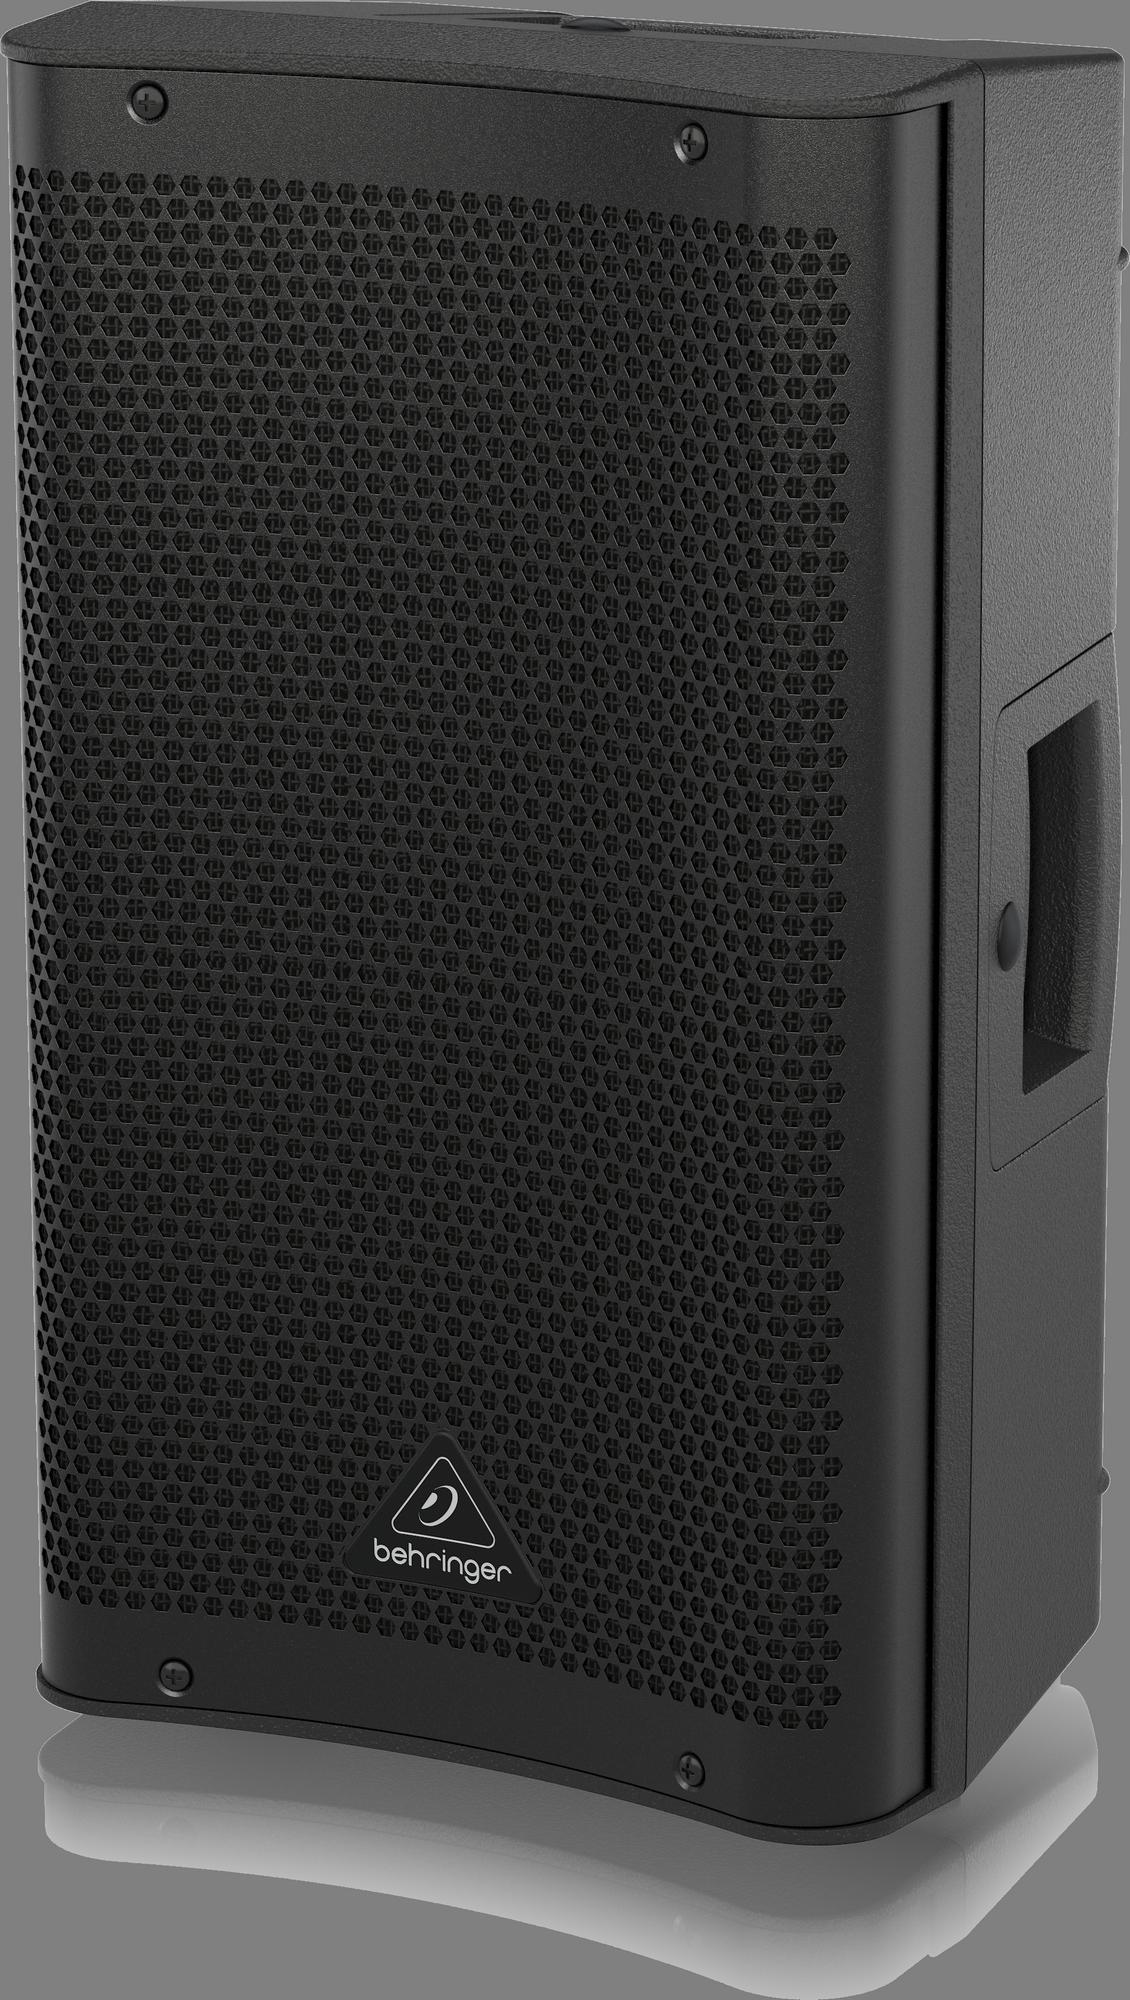 Behringer DR110DSP - Loudspeaker